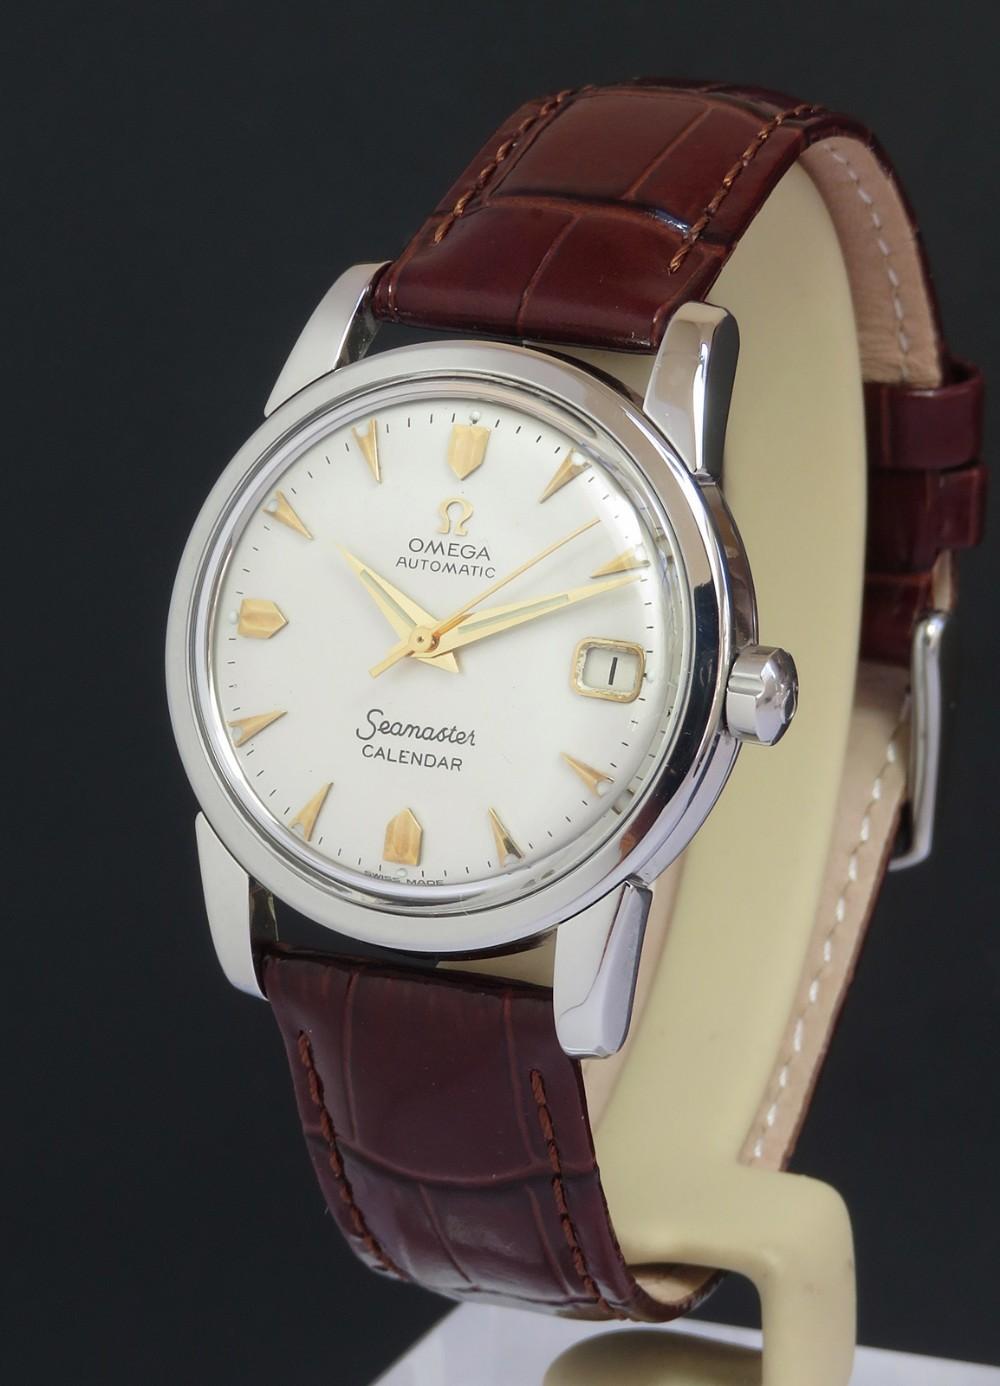 omega seamaster automatic calendar c1958